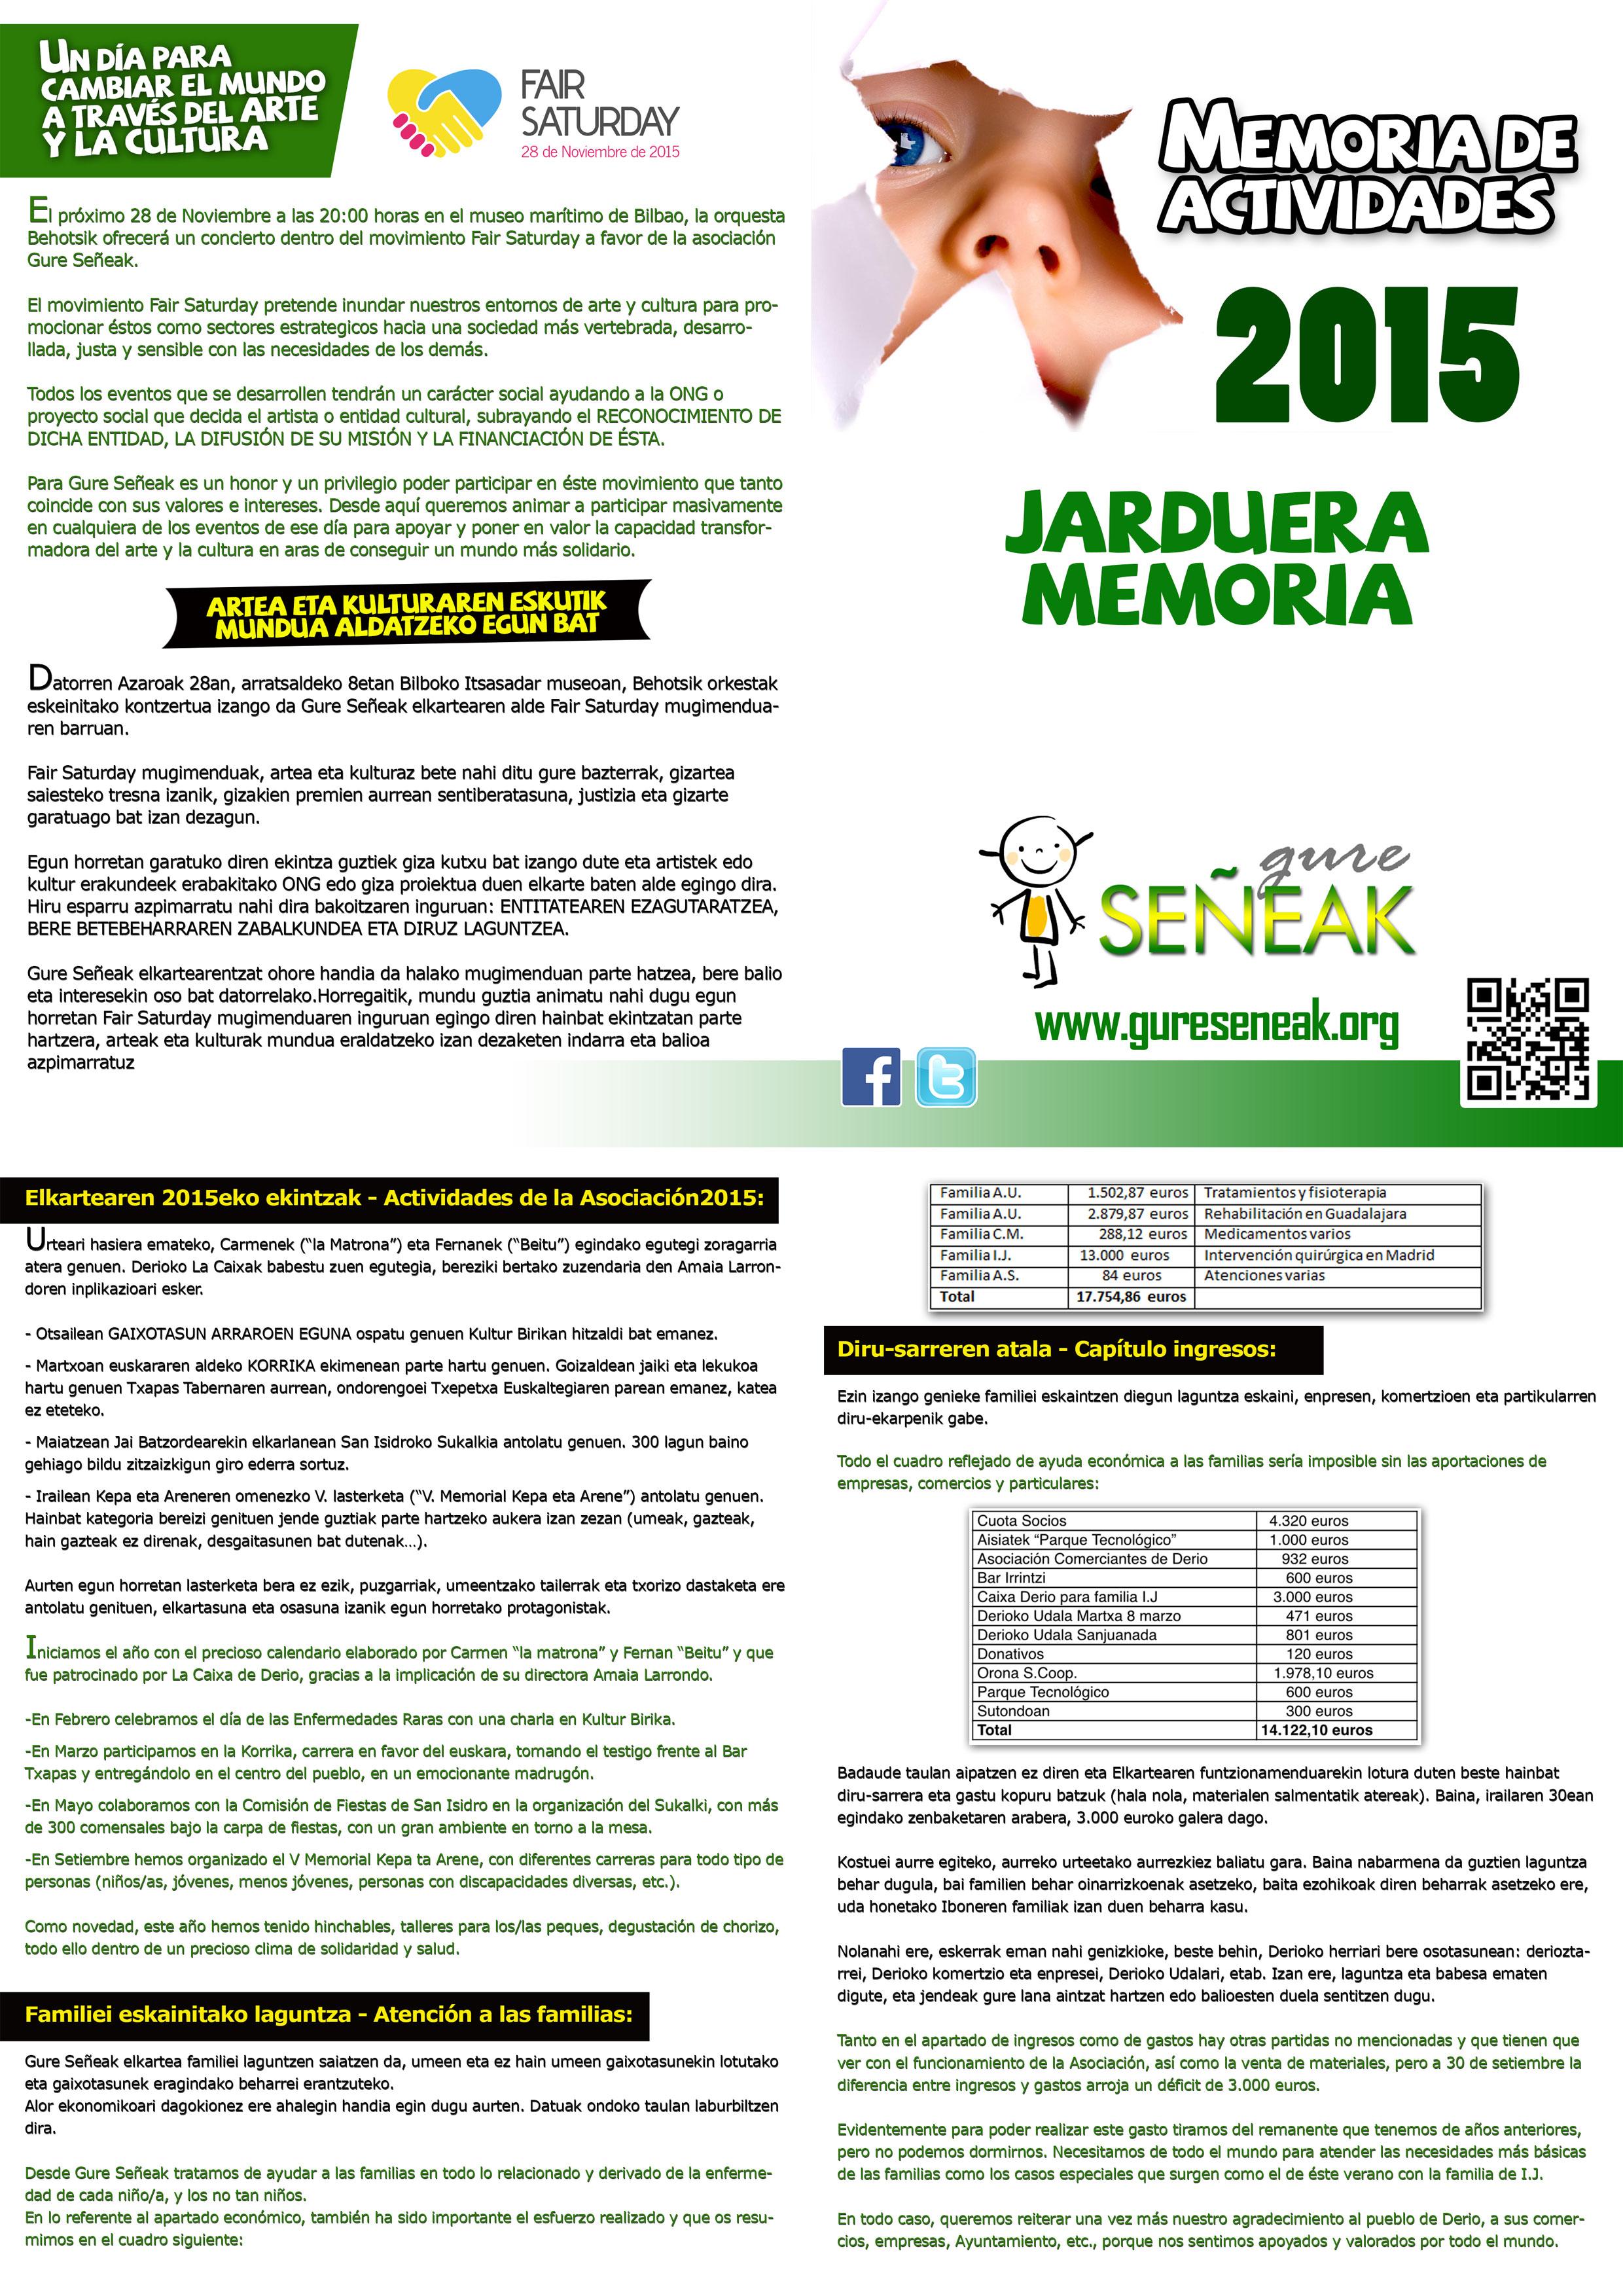 memoriaActividades2015